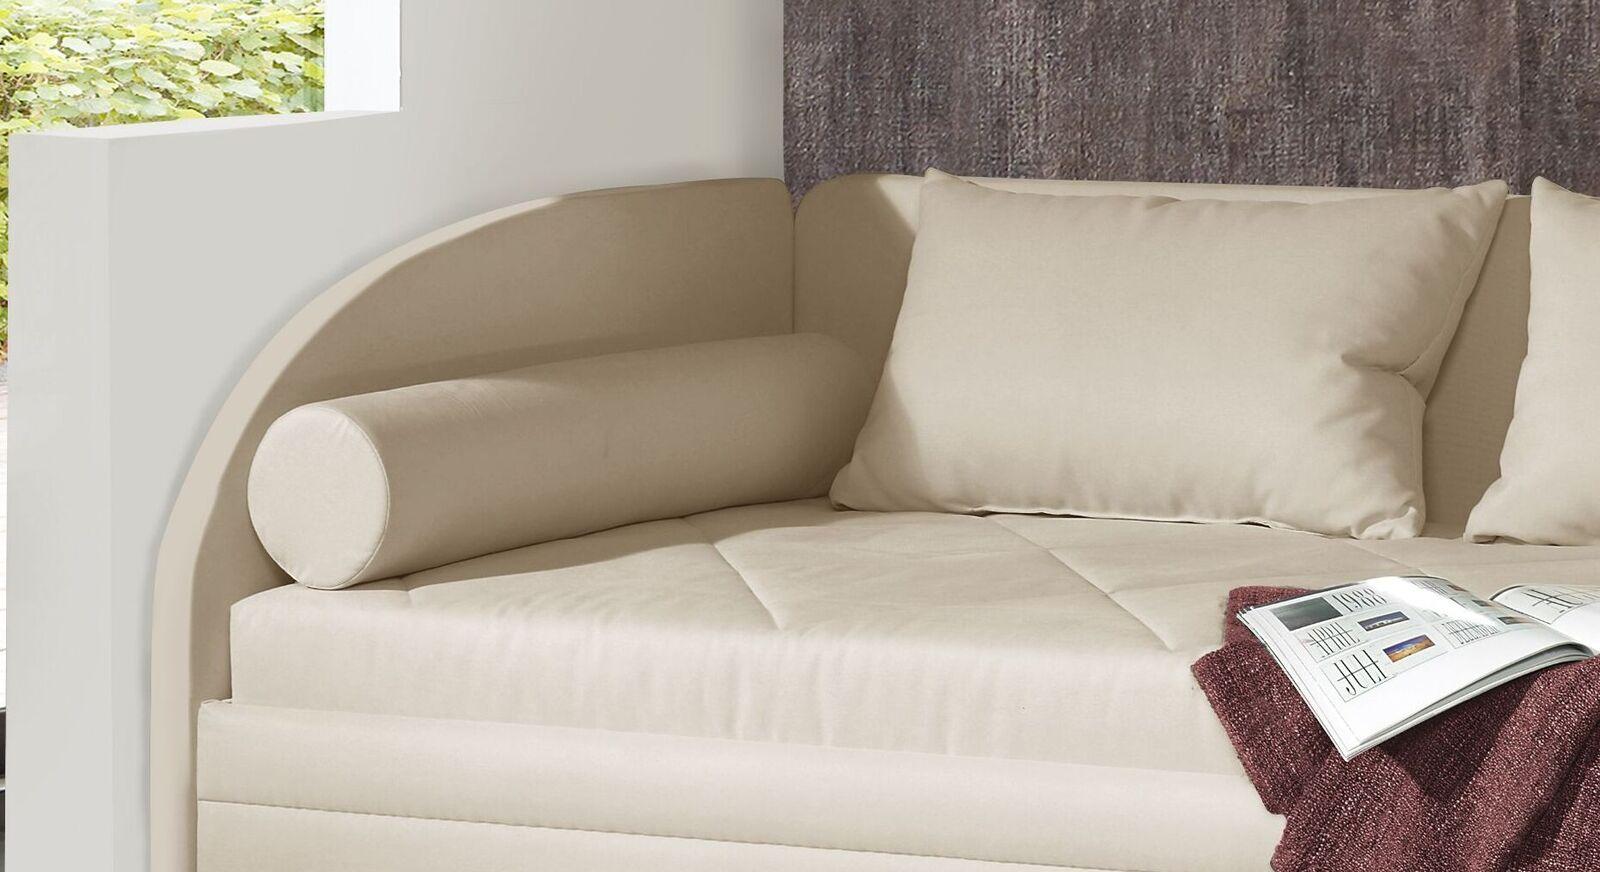 Studioliege Kamina Komfort mit praktischem Seitenteil